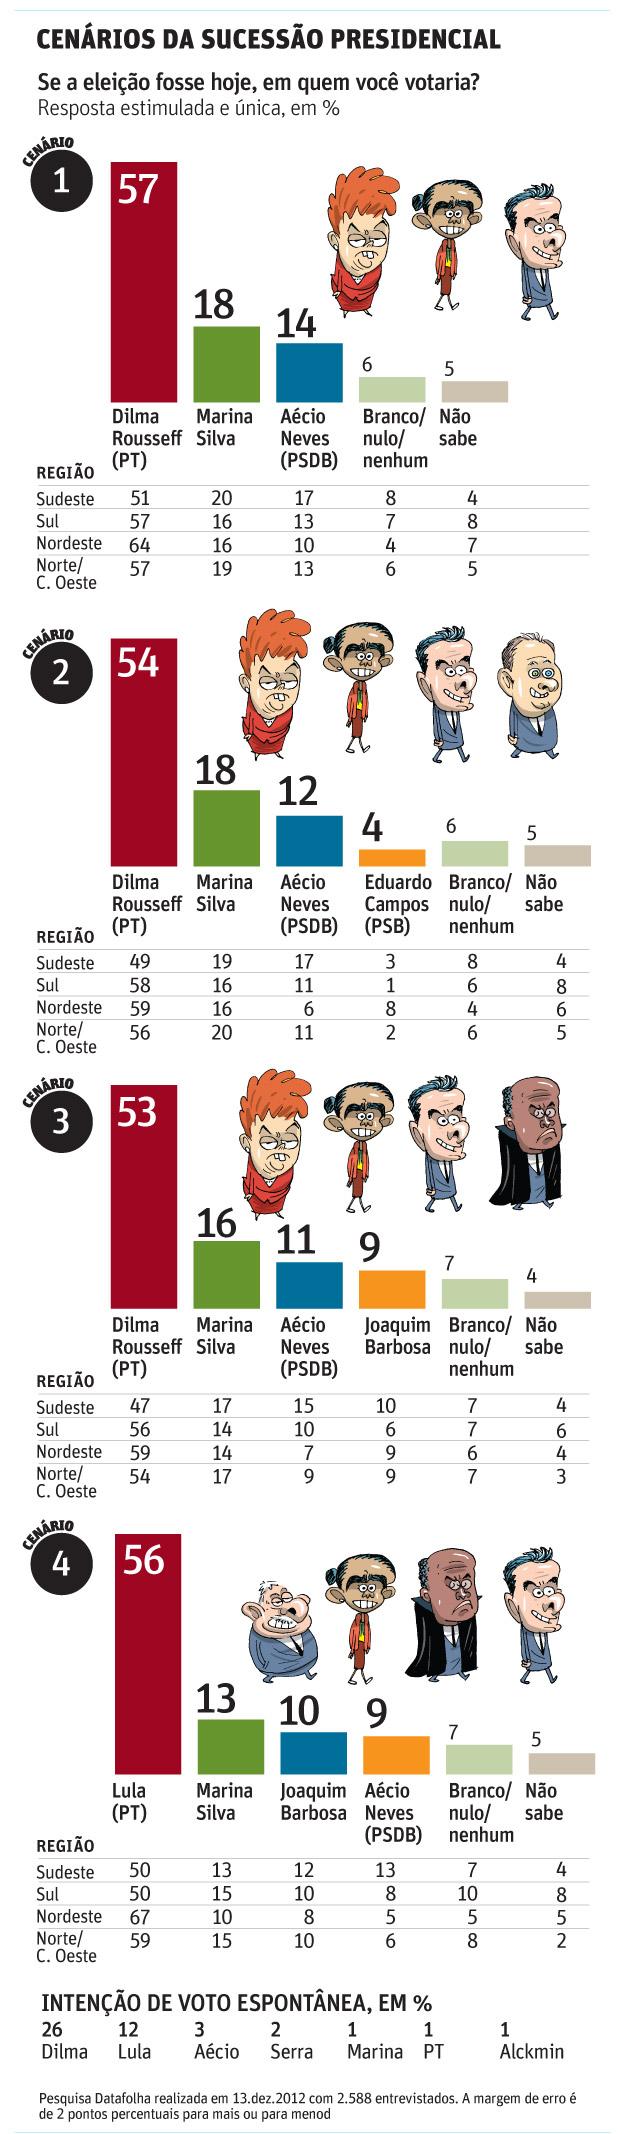 Se a eleição fosse hoje, em quem você votaria? Resposta estimulada e única, em %CENÁRIOS DA SUCESSÃO PRESIDENCIAL